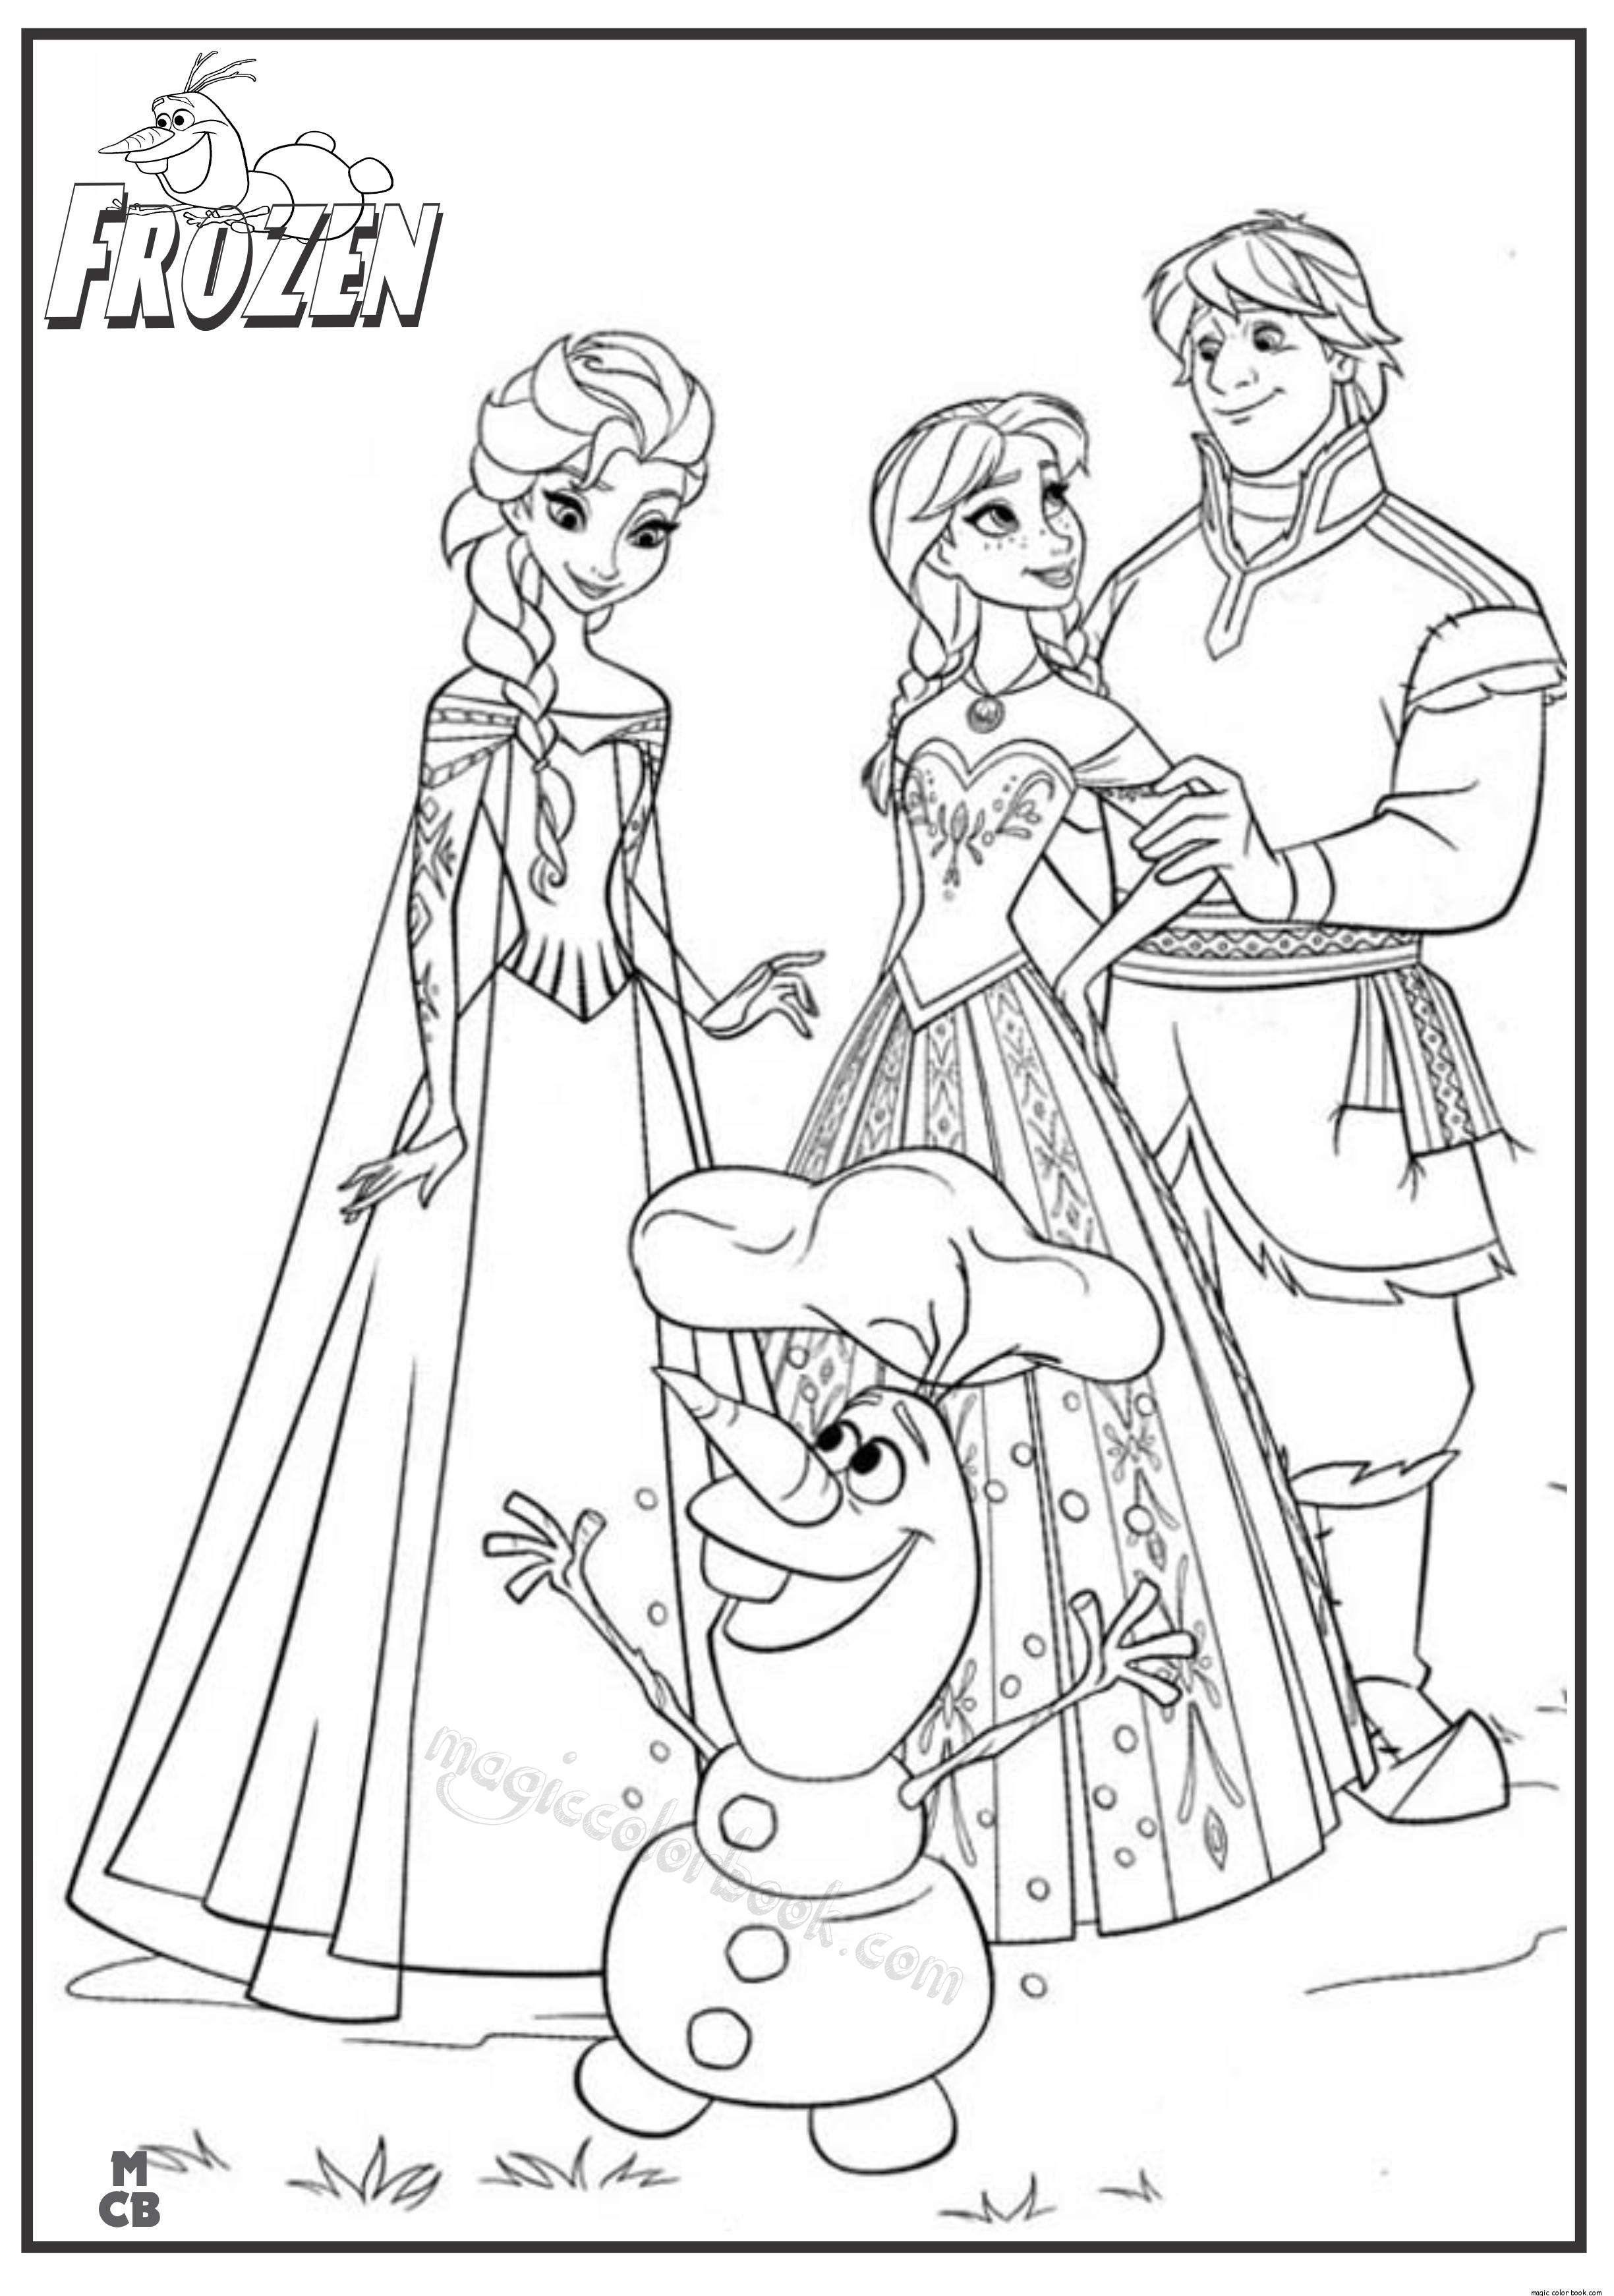 Frozen Archives Magic Color Book Elsa Coloring Pages Disney Princess Coloring Pages Disney Coloring Pages